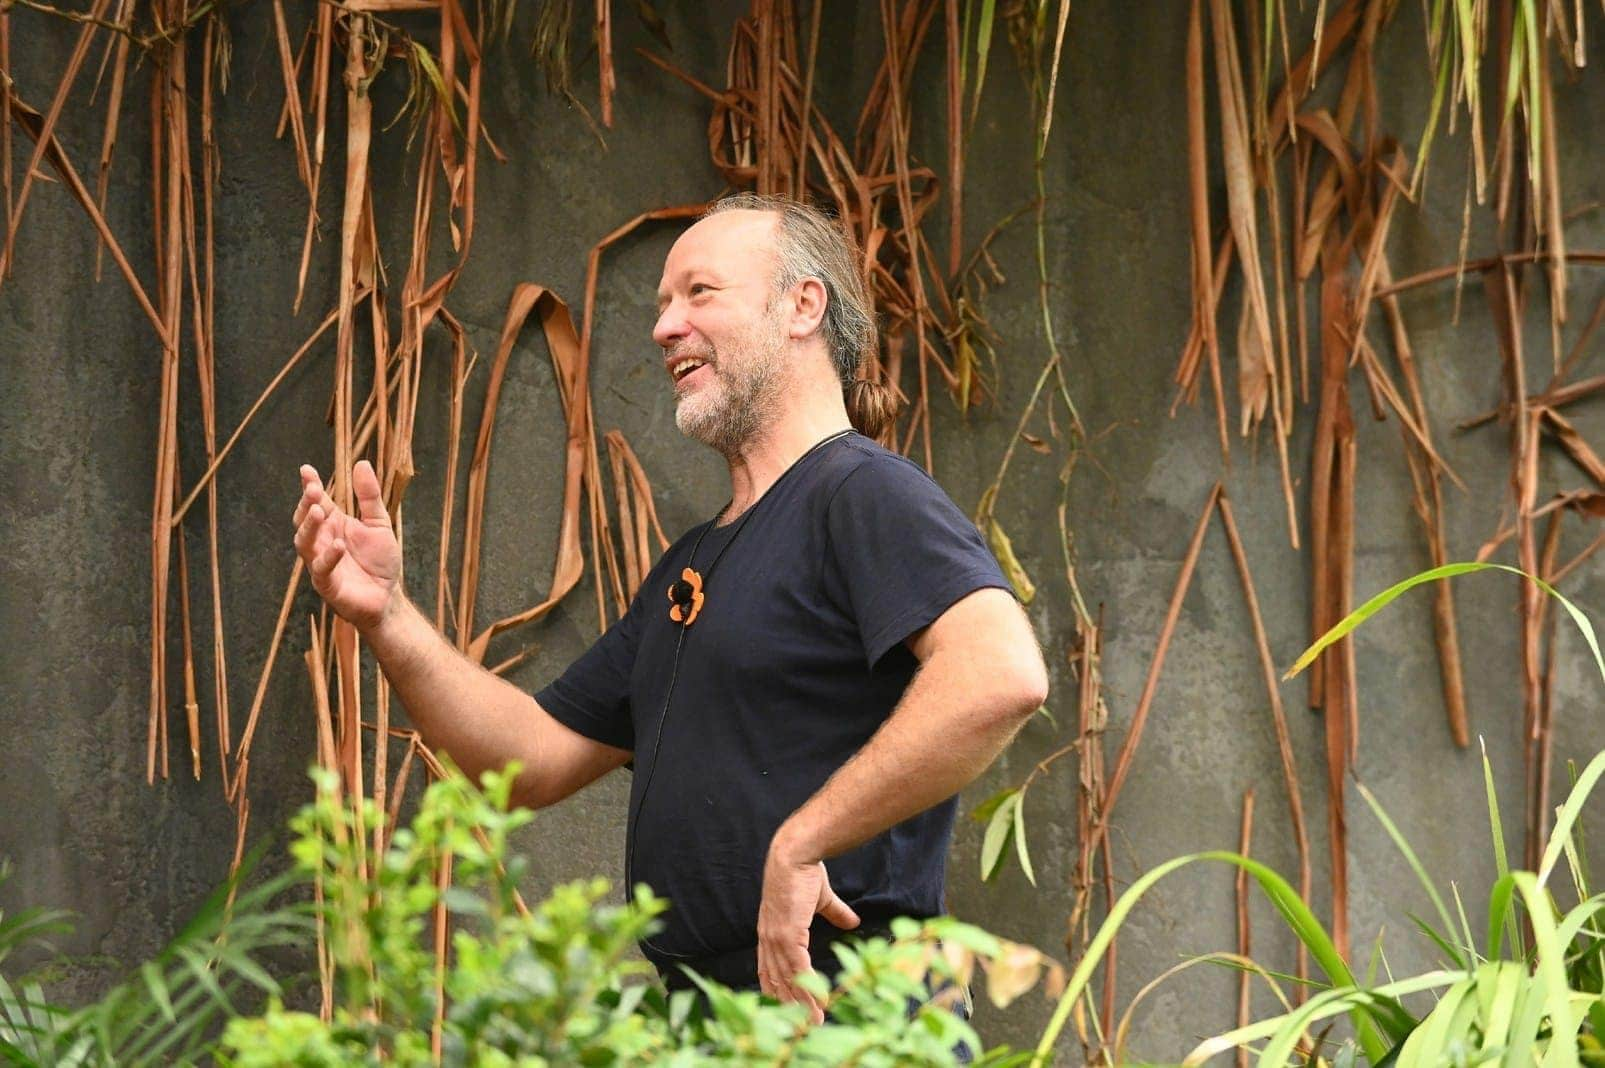 Dschungelcamp 2020 tag 9 Dschungelprüfung Markus Reinecke